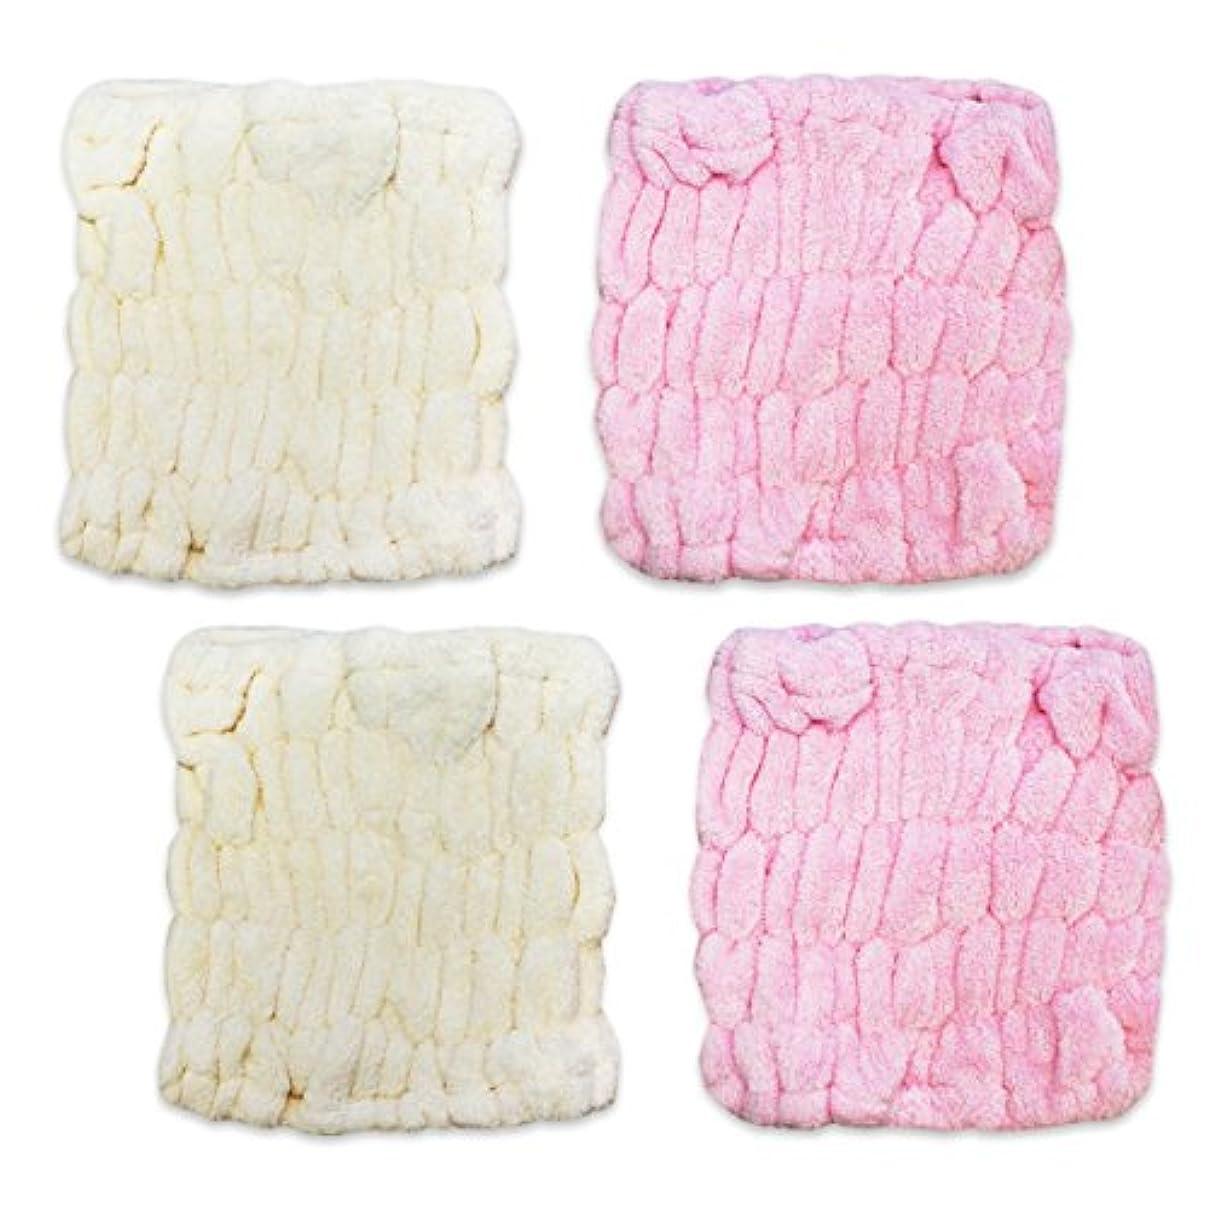 キノコリットル運賃ふんわり 柔らか マイクロ ファイバー 吸水 ヘアターバン 2色 4枚組(ピンク&アイボリー)